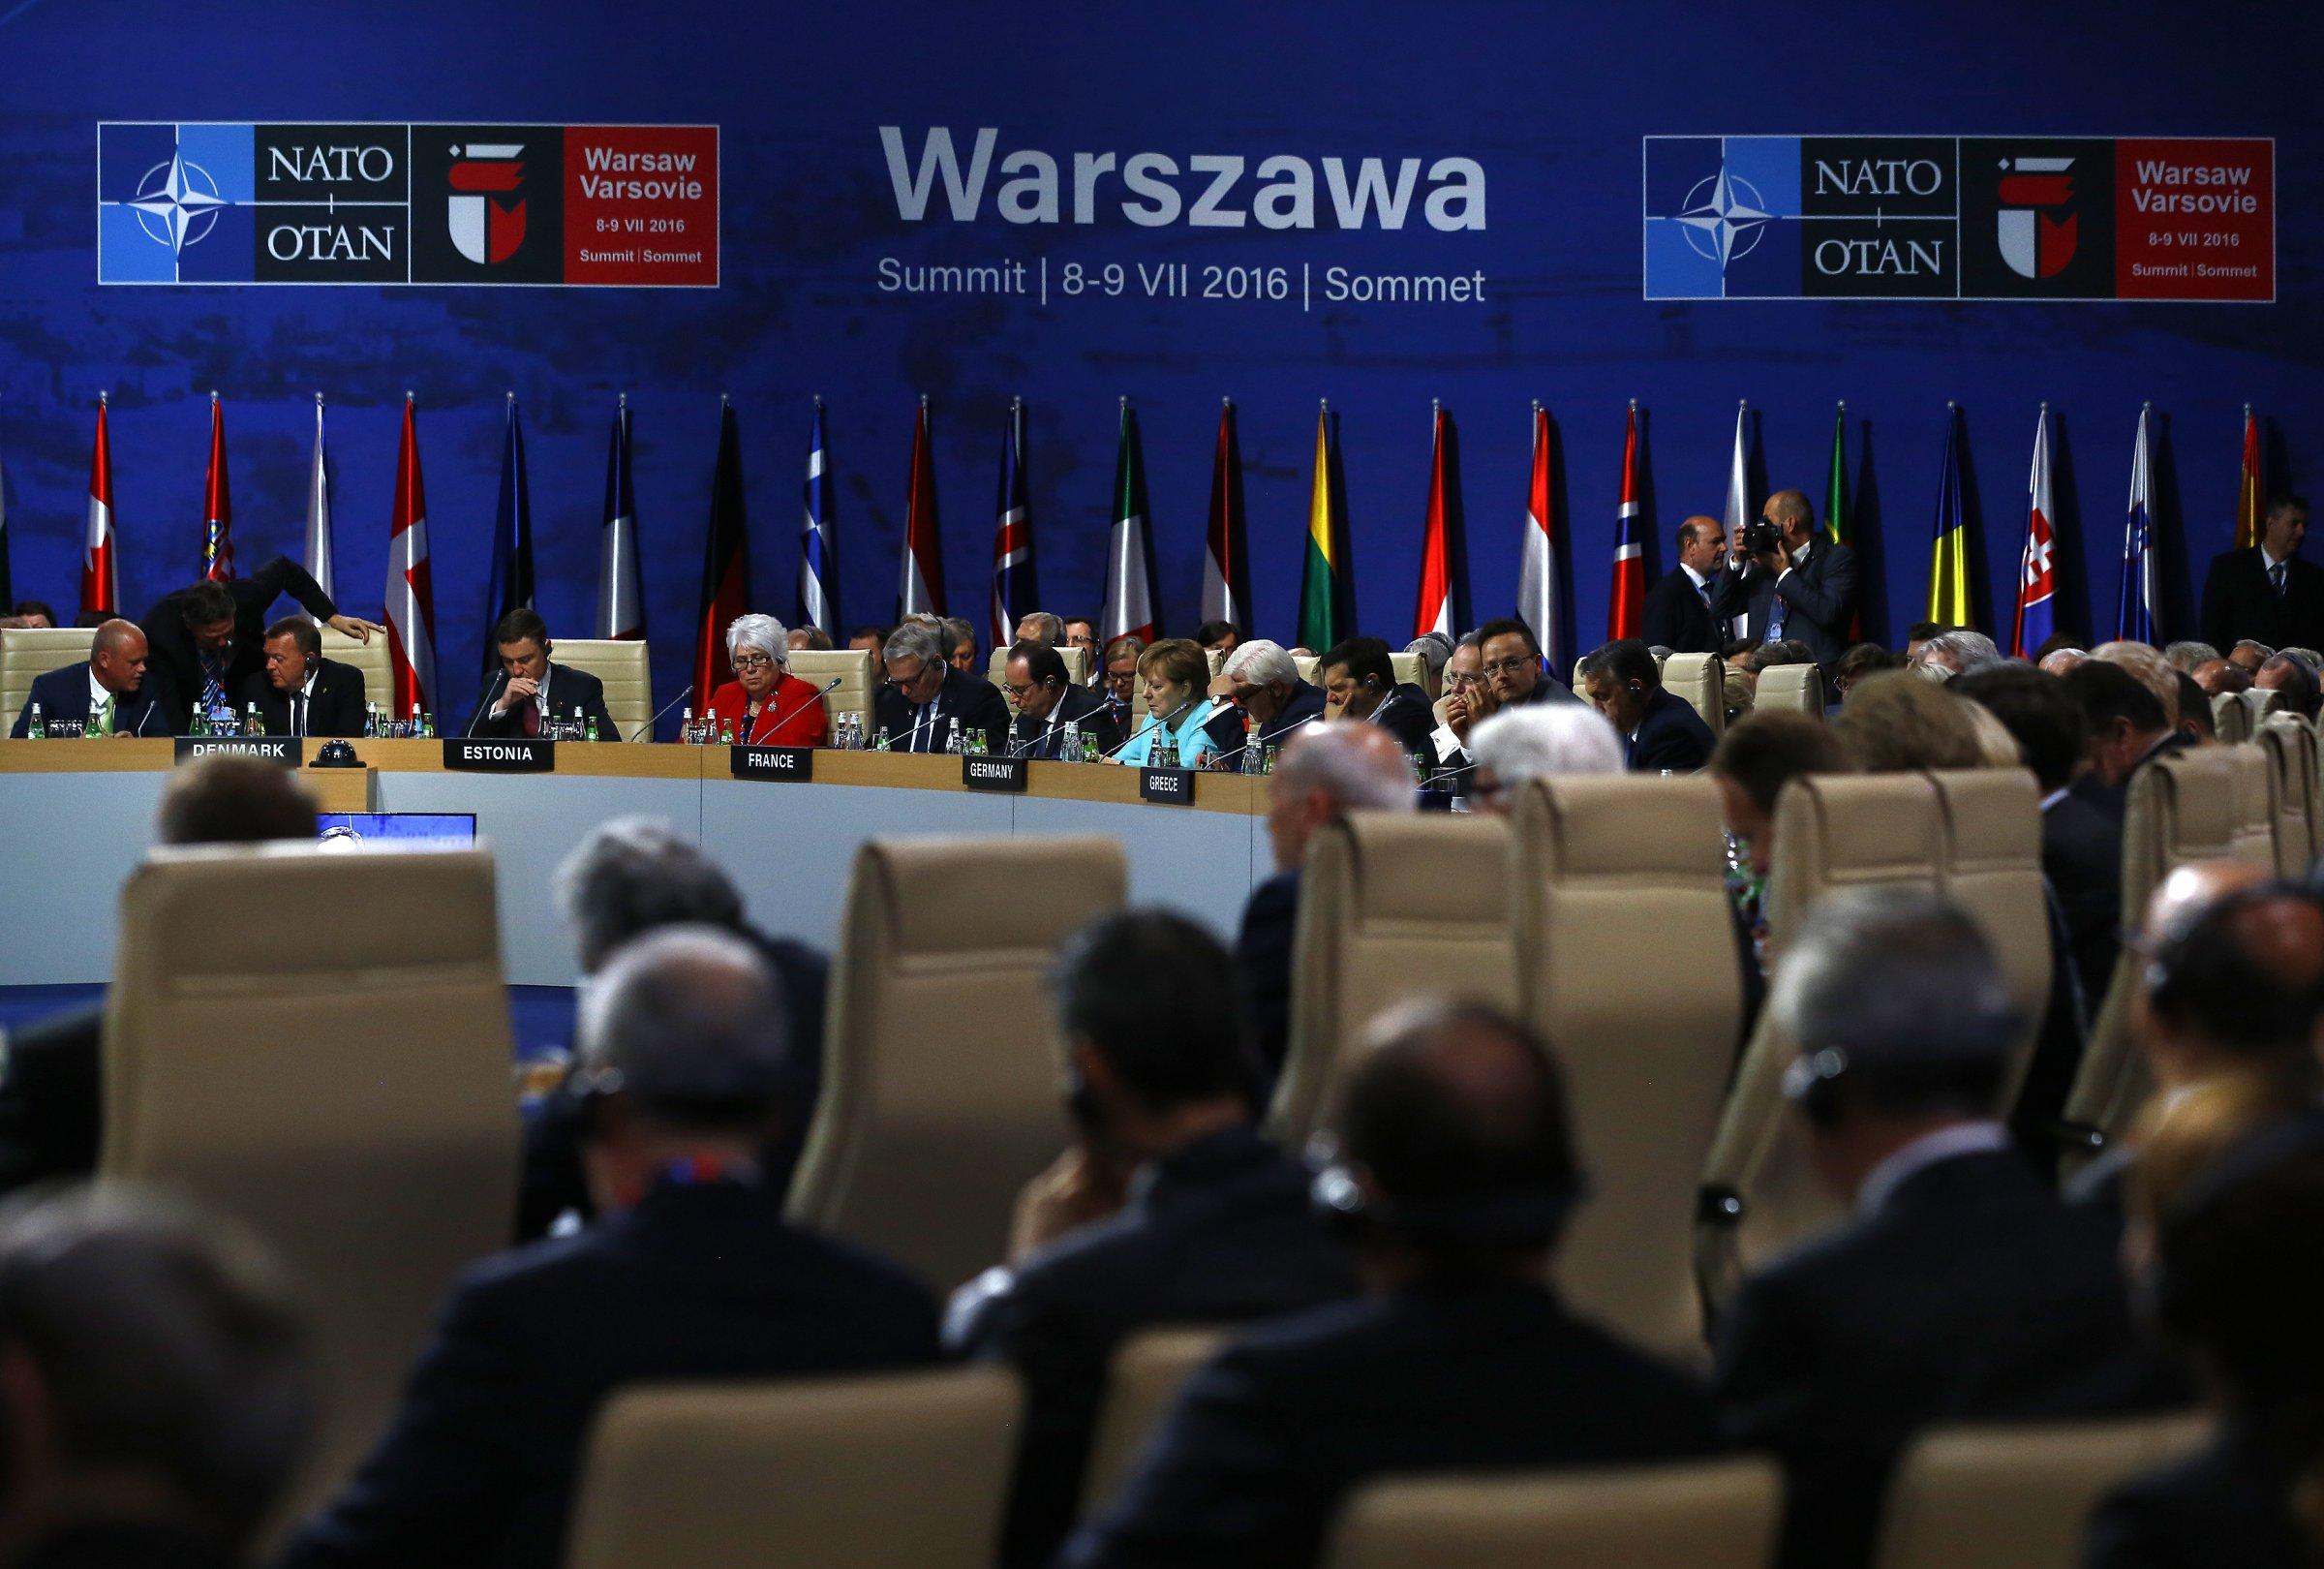 nato-warsaw-summit-businessinsider-com